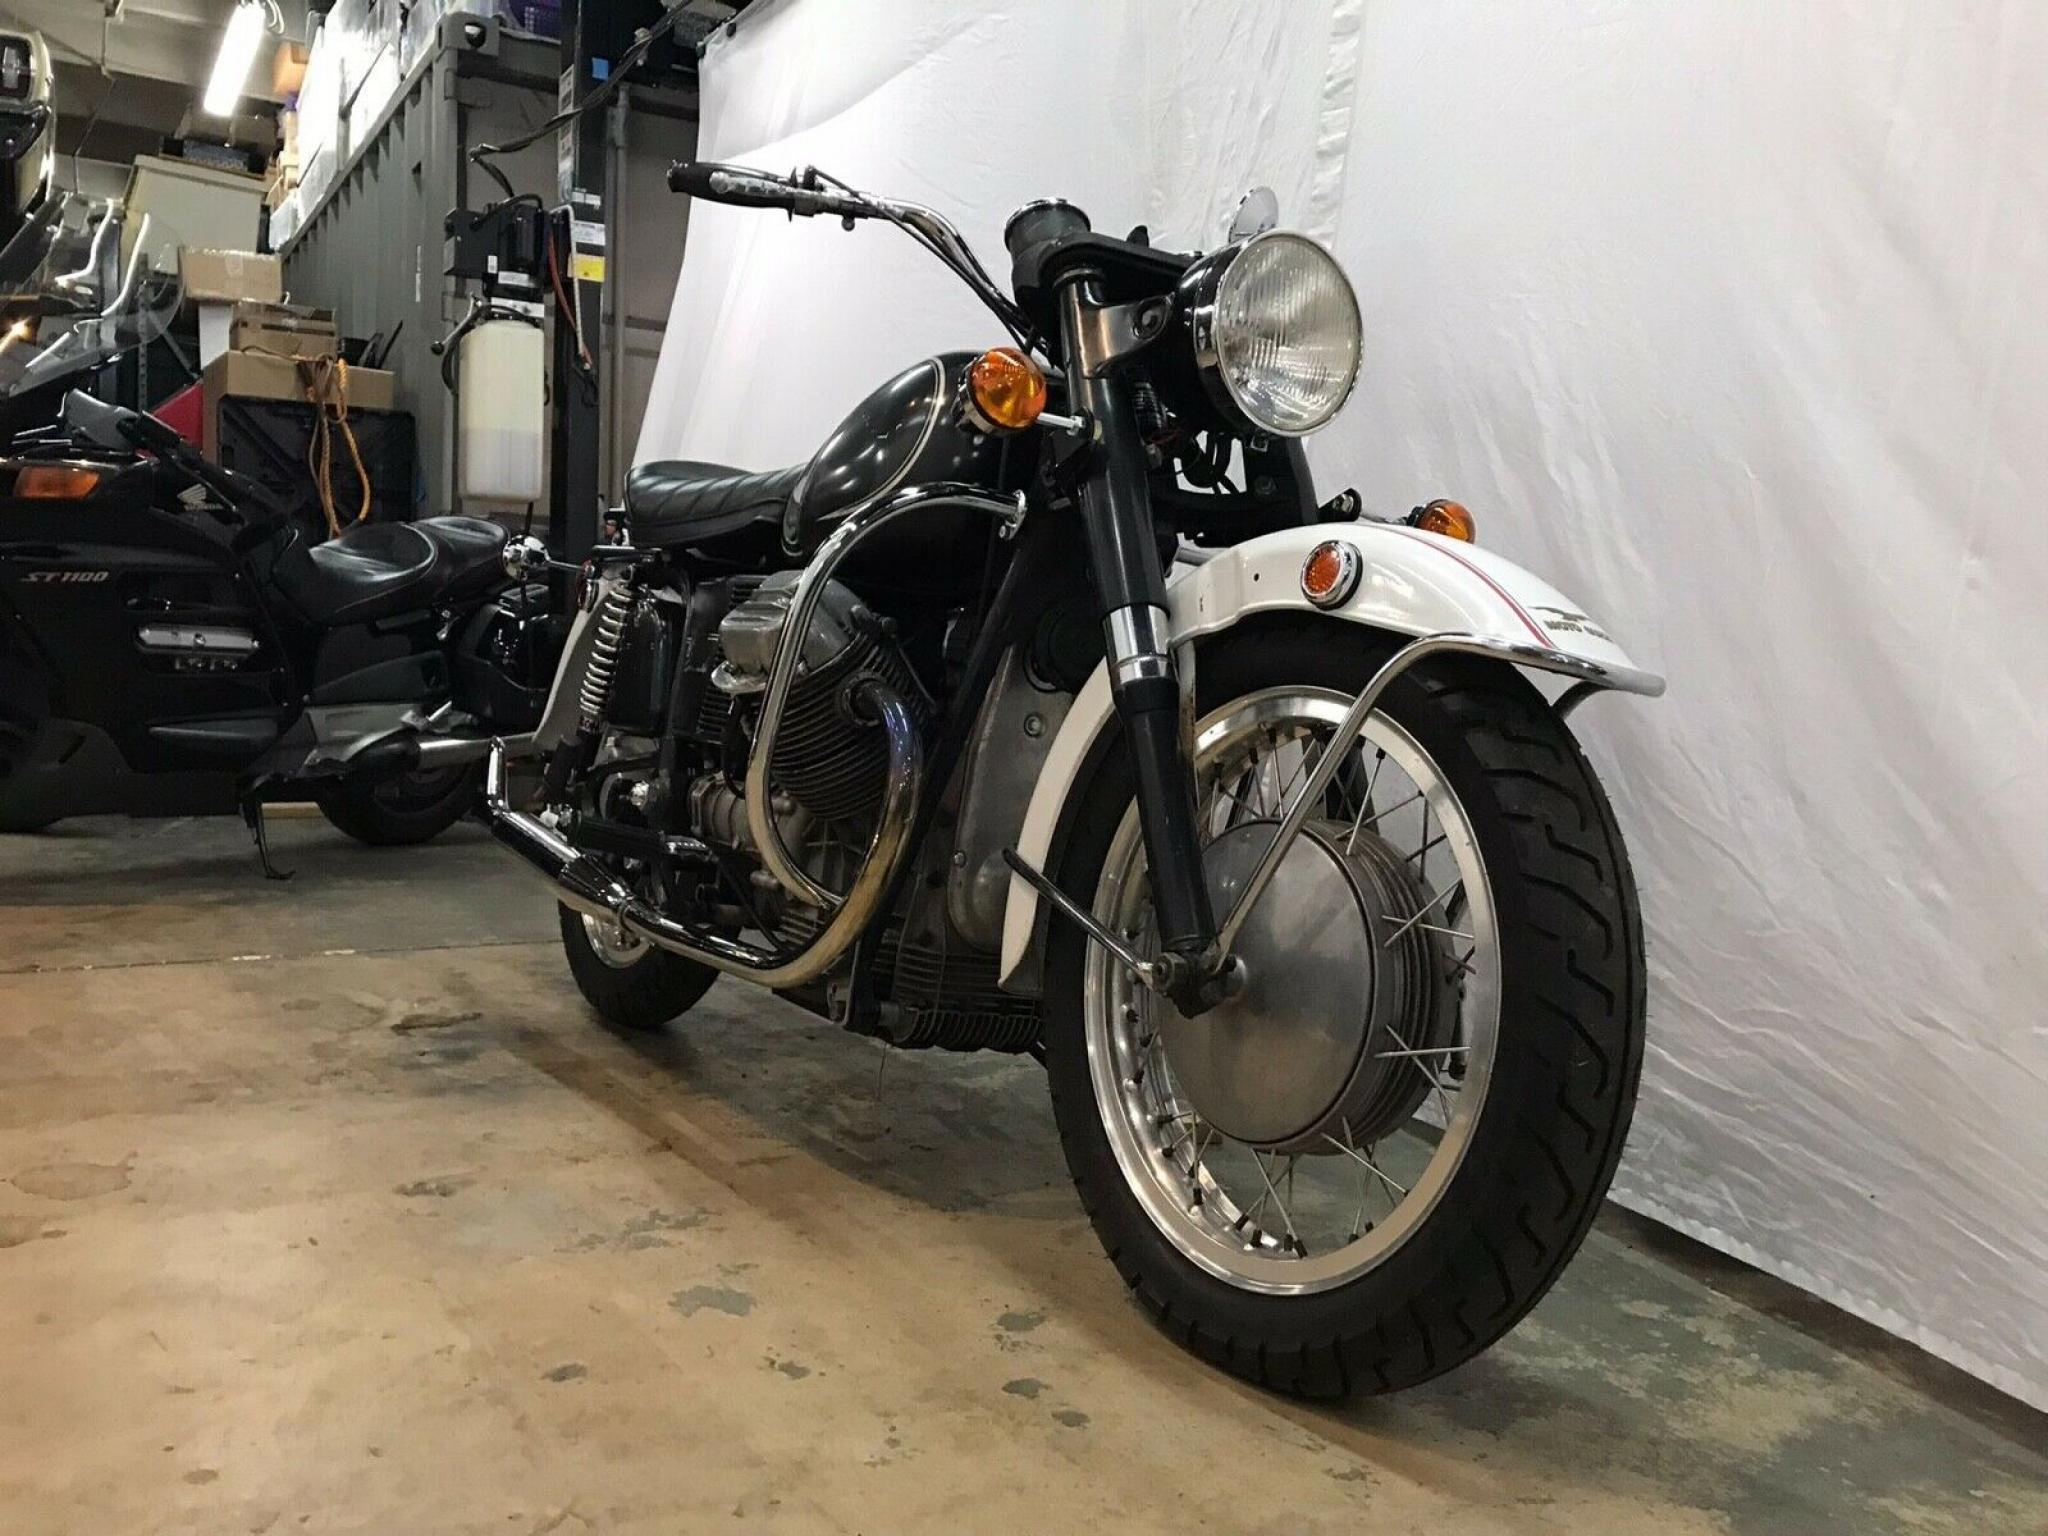 モトグッツイ 1972 Moto Guzzi Eldorado 車体写真8